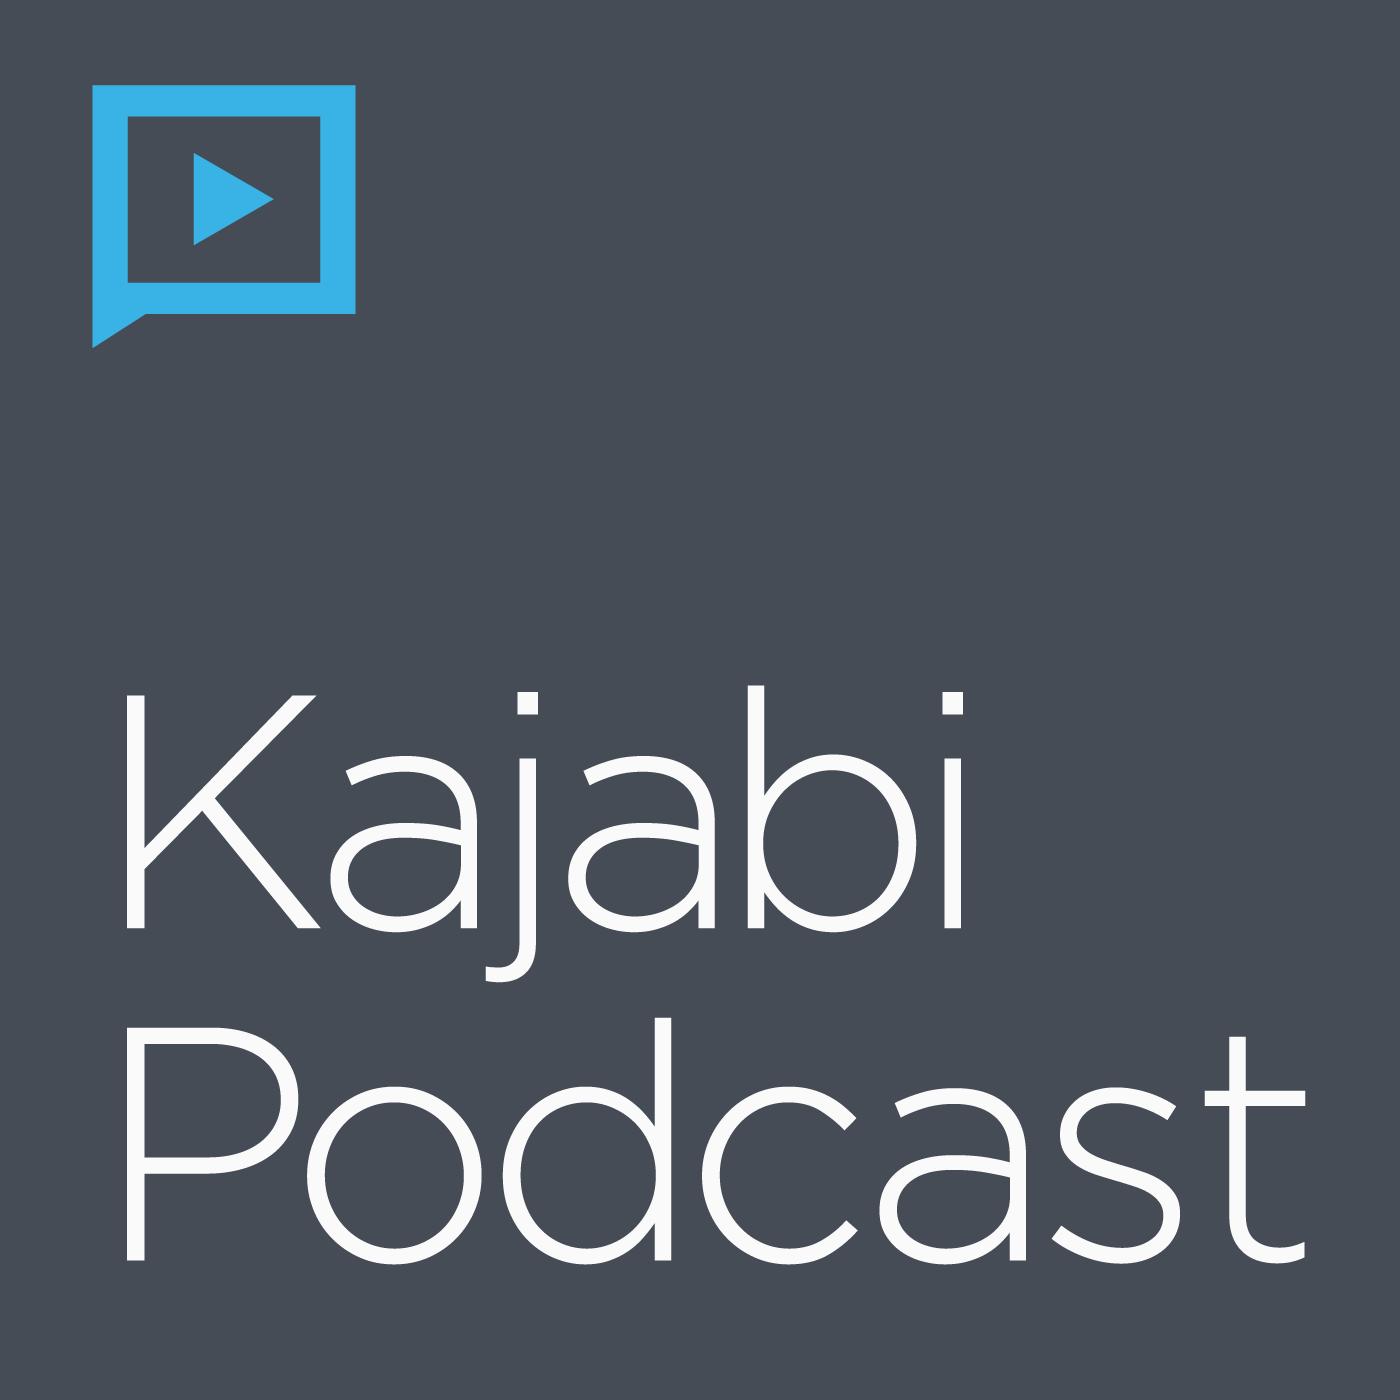 Kajabi Podcast